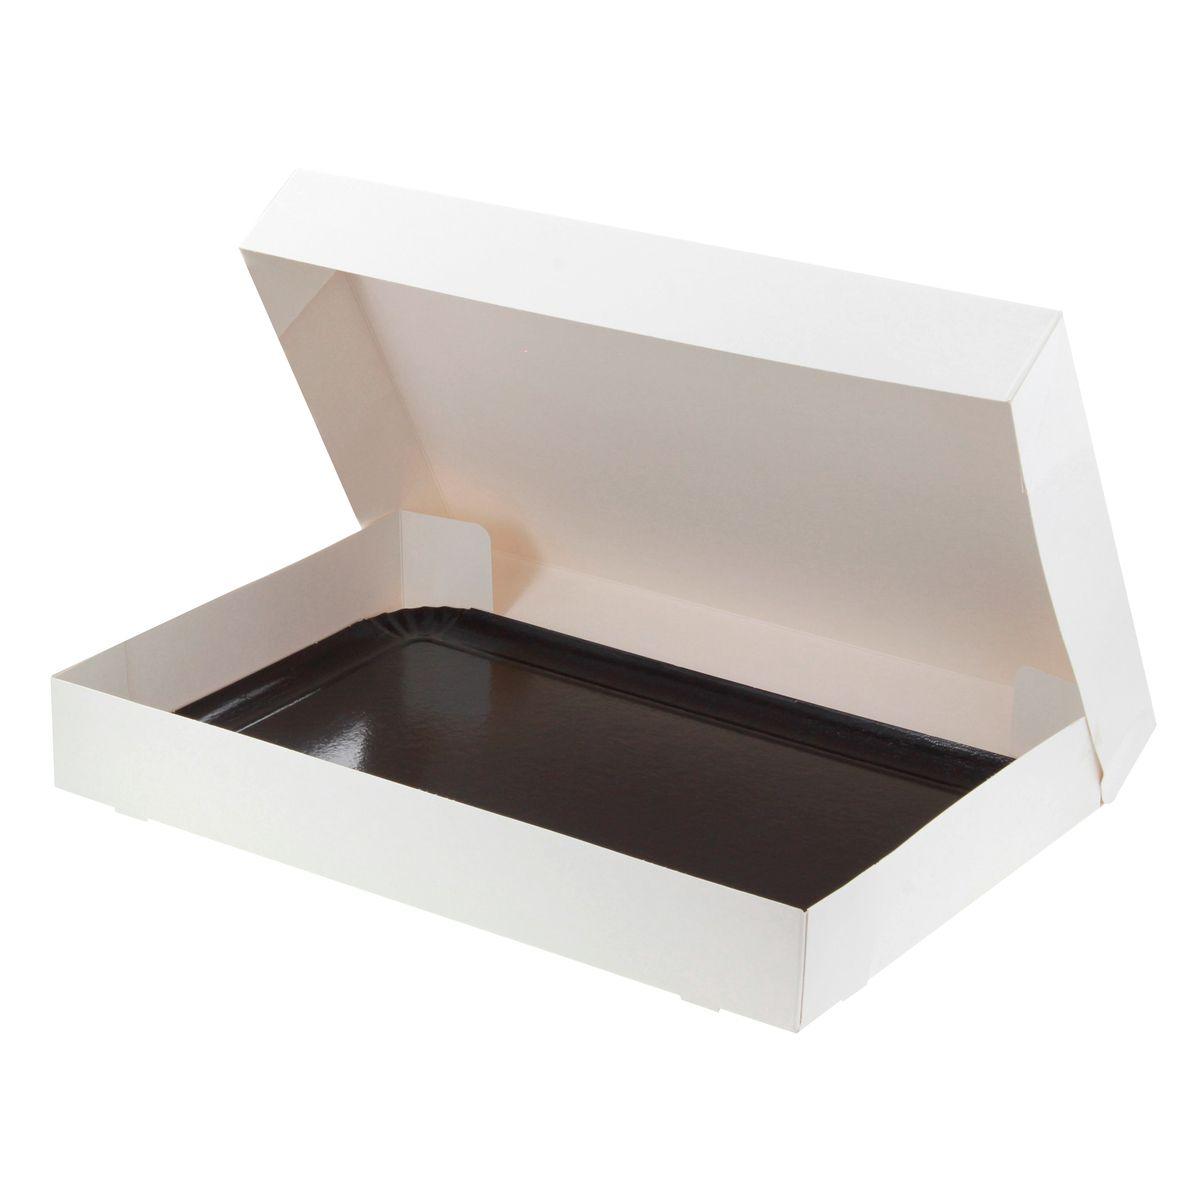 Boite à gâteaux blanche avec plateau 28 x 42 x 6 cm - Patisdecor